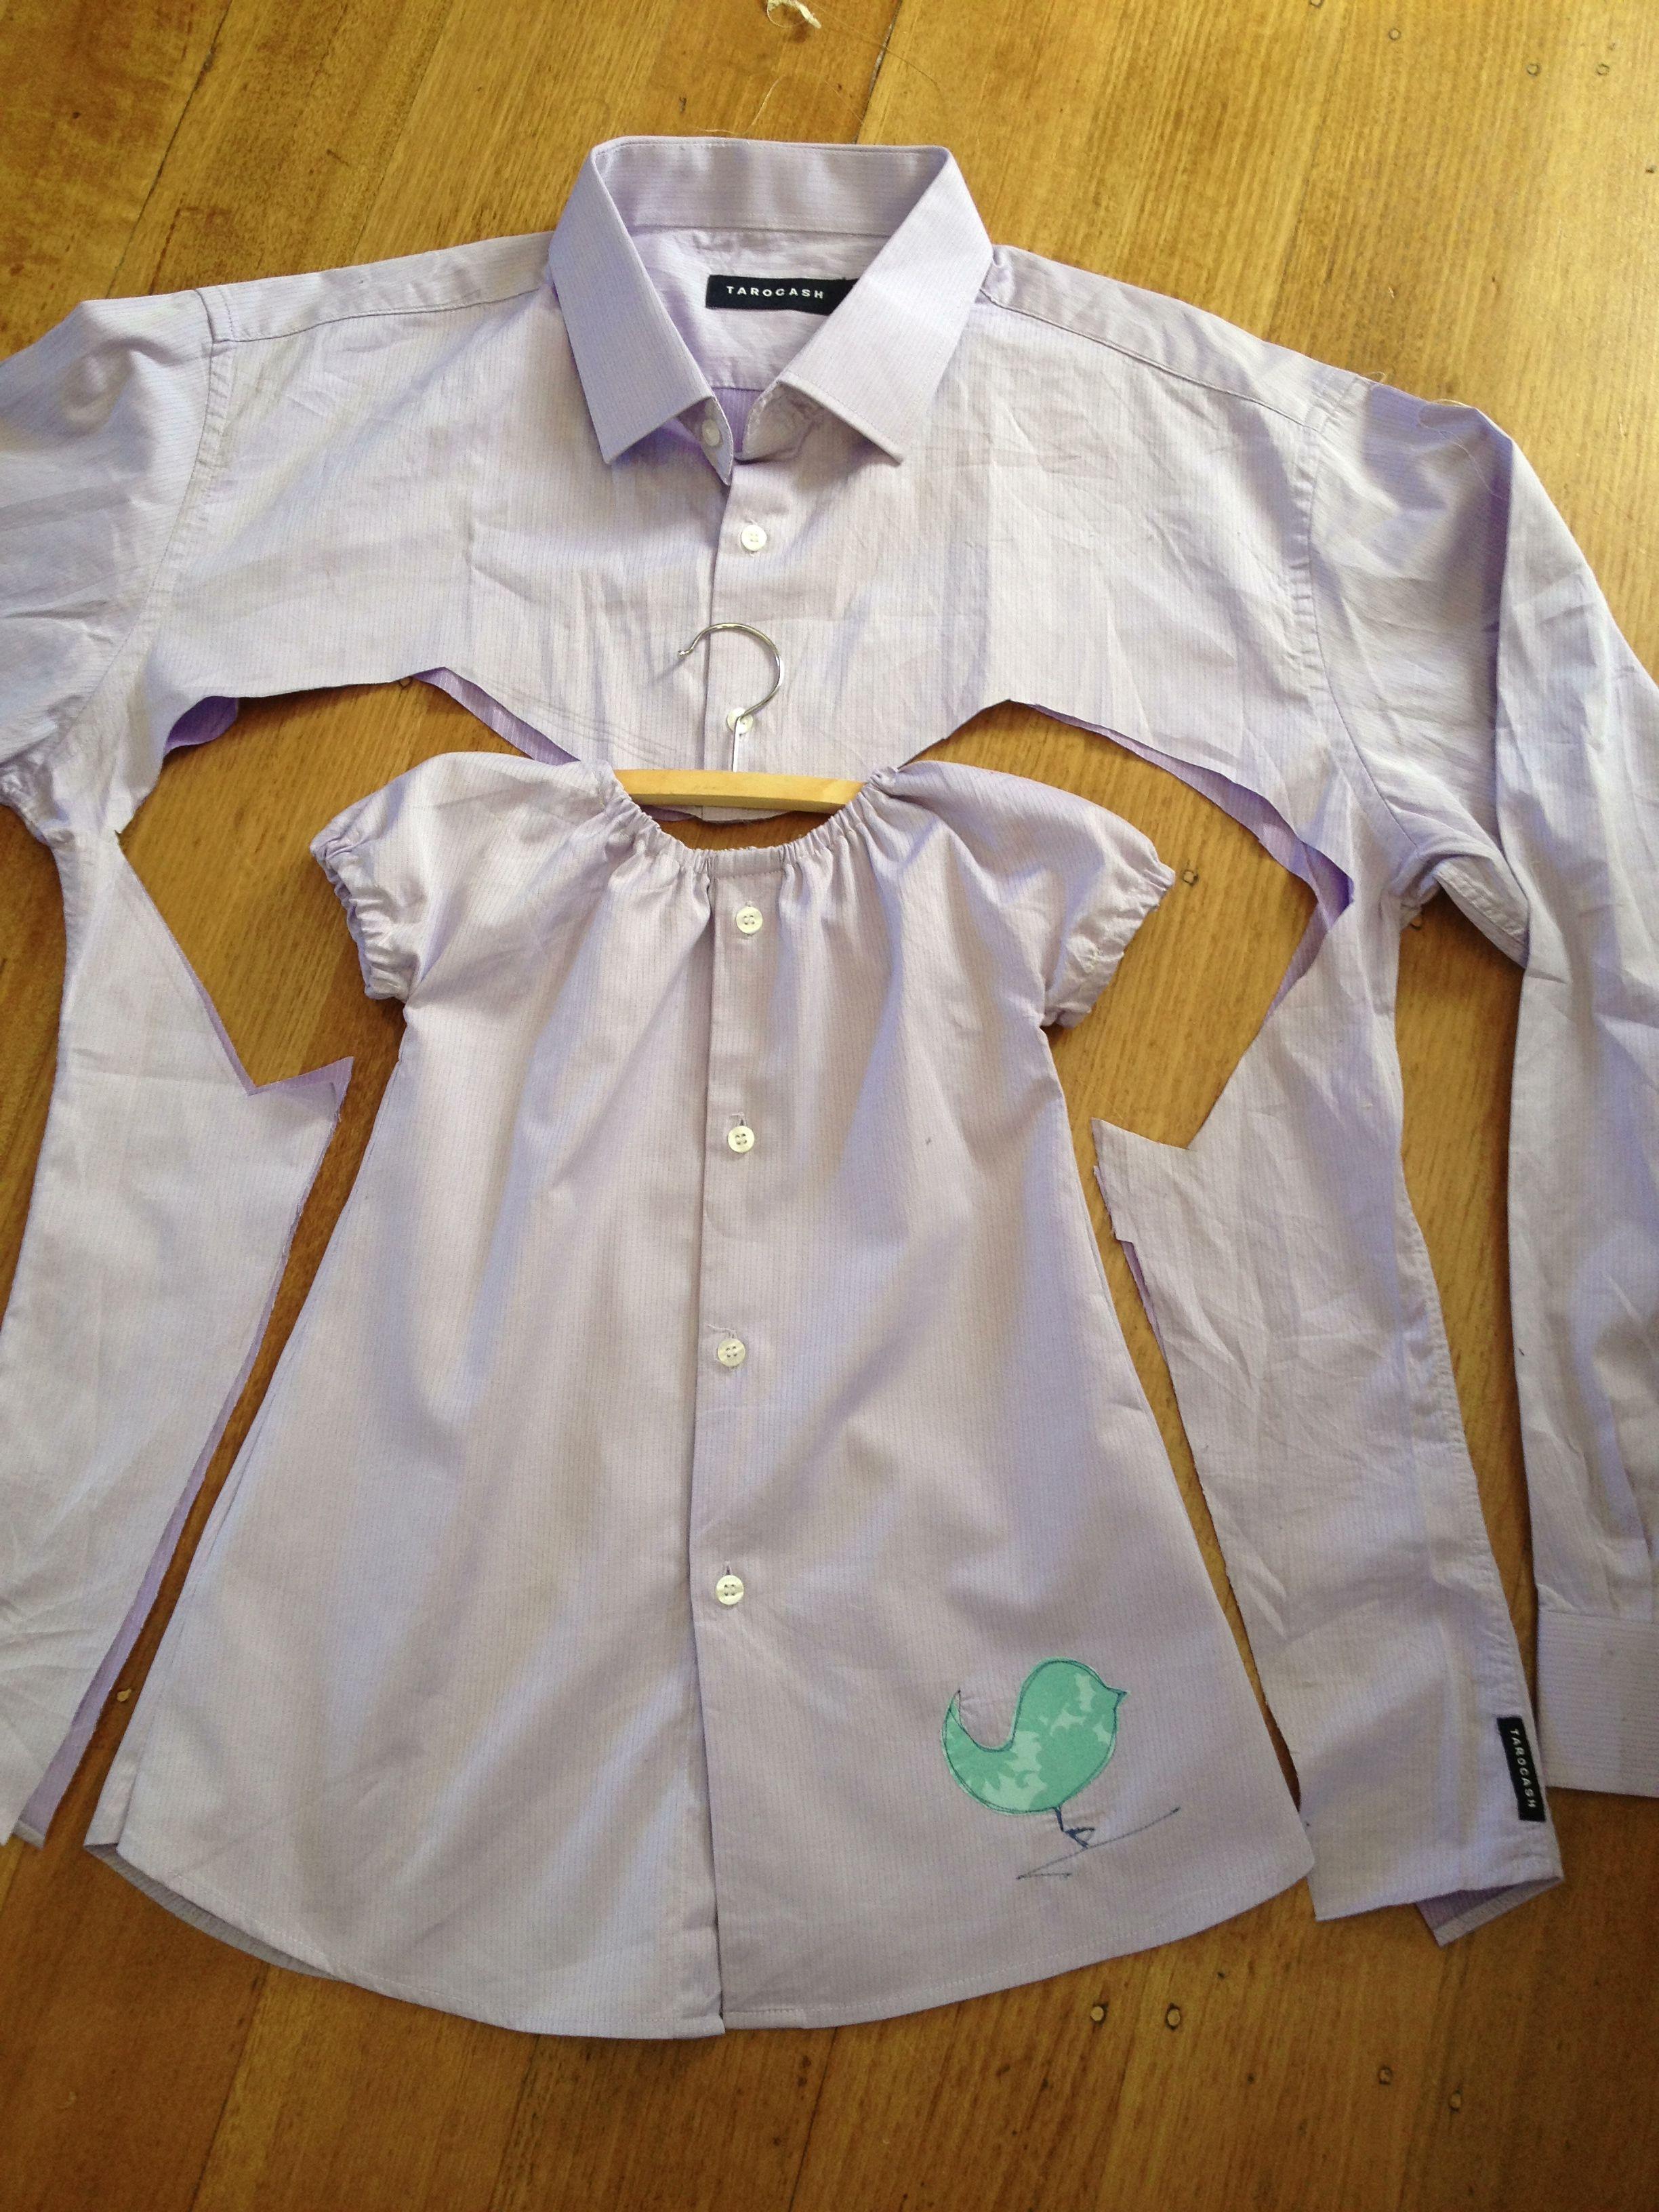 Diy Old Shirts Repurposed